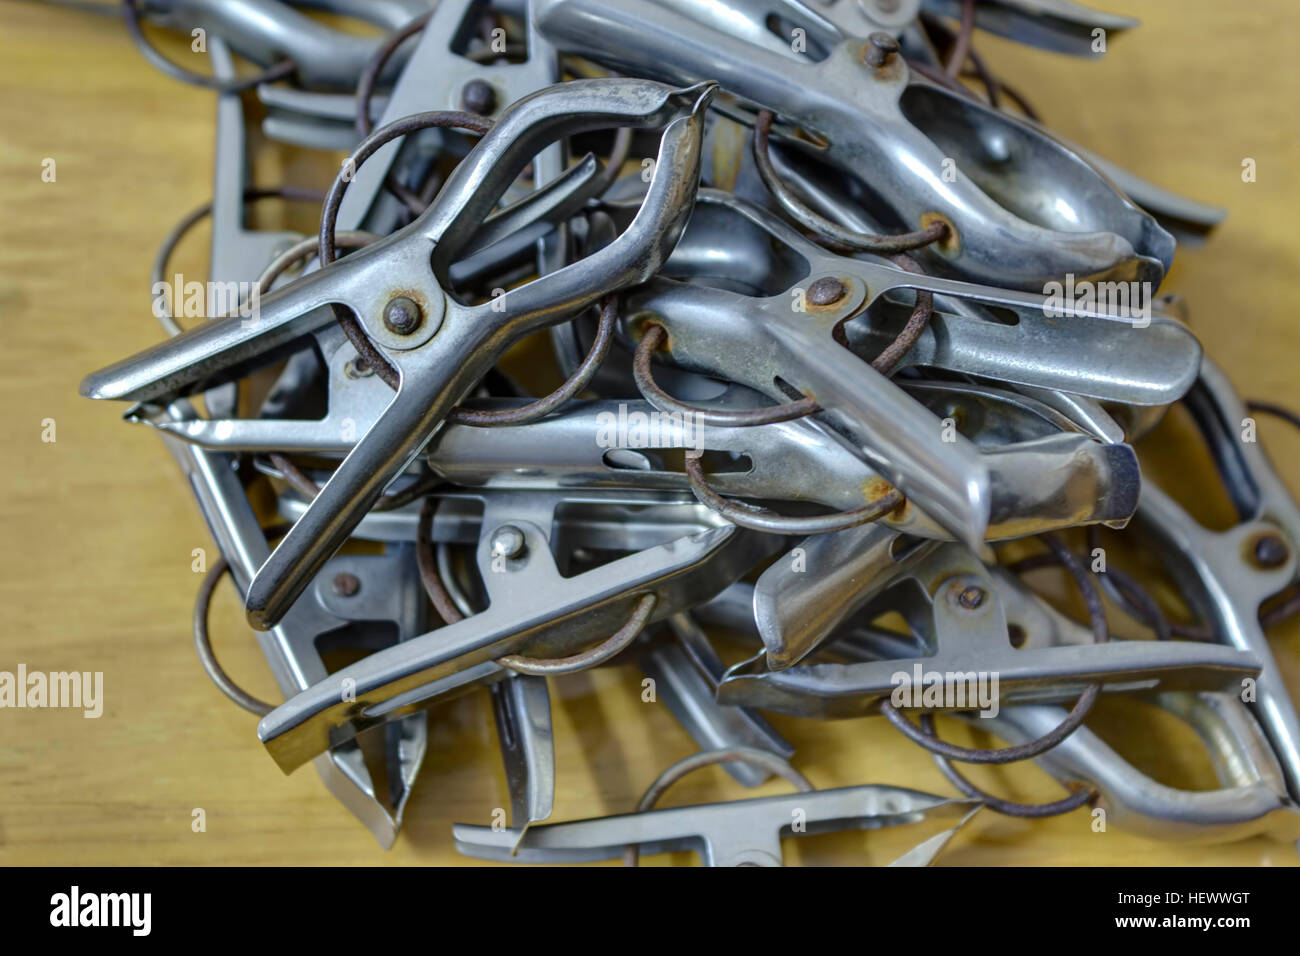 Colgando de pelo clips. Adecuado para uso en interiores y en exteriores. Imagen De Stock